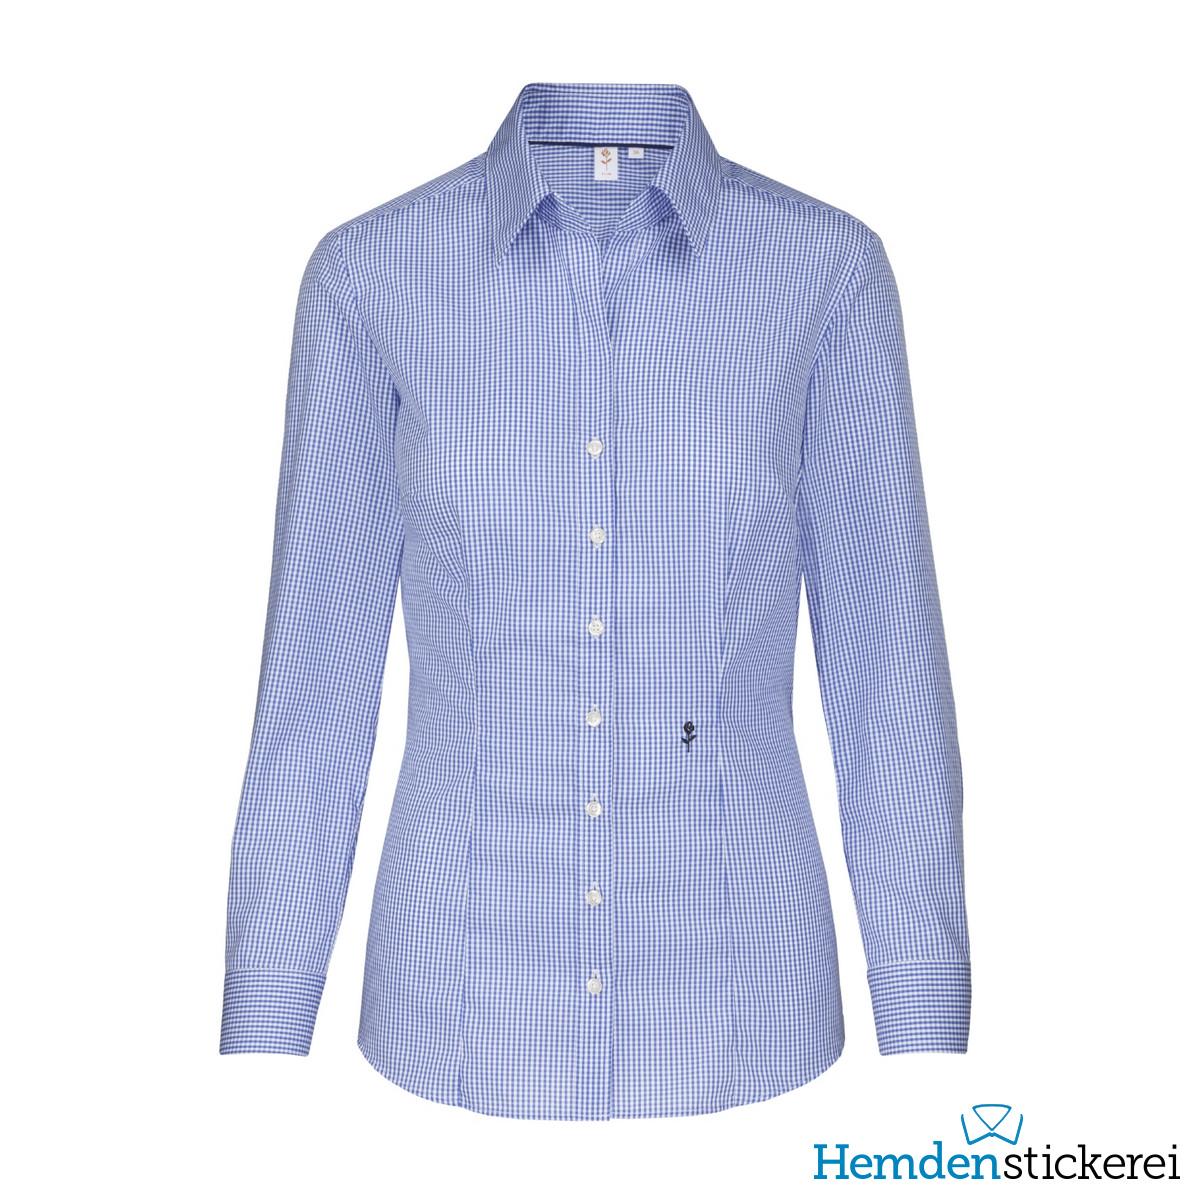 ... Seidensticker Damen Bluse SLIM 1 1 Arm mit Kragen bügelfrei Blau  gestreift Seite zurück. inkl. Stick. lightbox 7624a2df4d